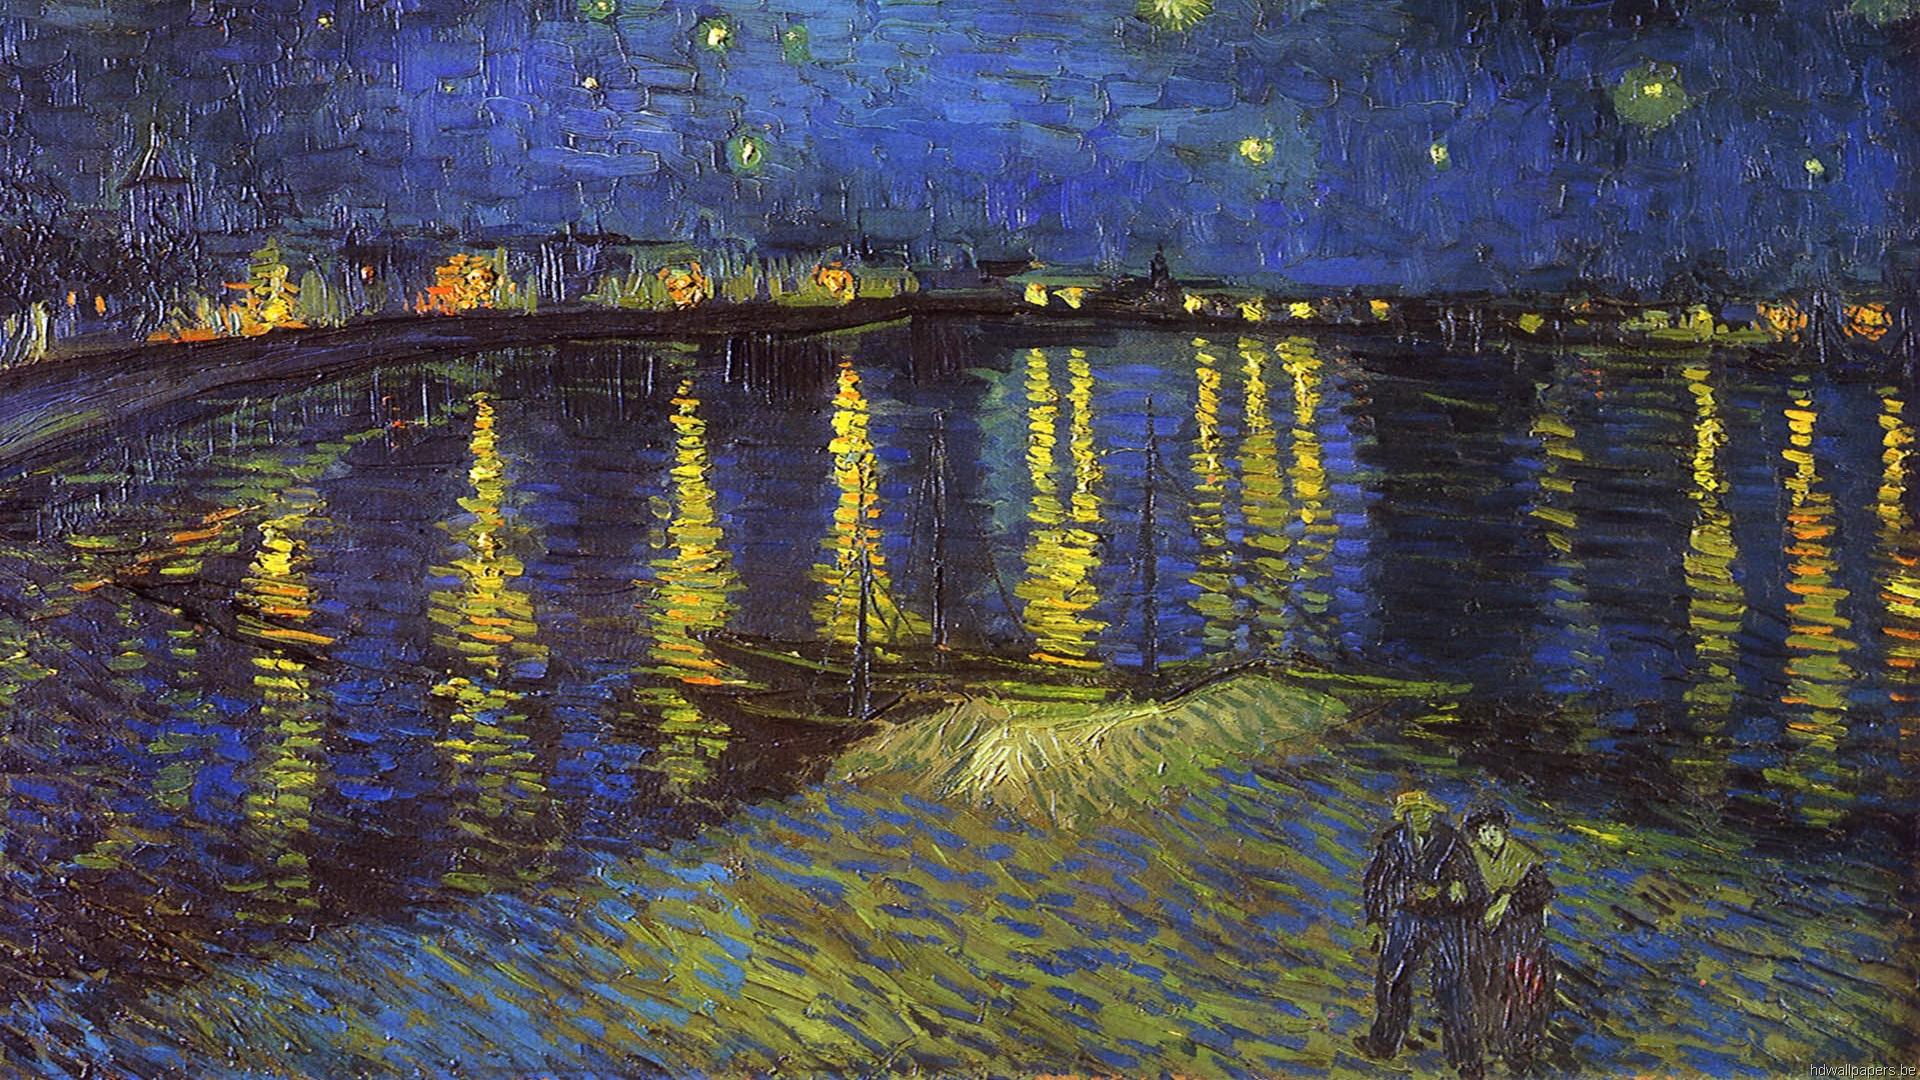 Vincent van gogh wallpaper wallpapersafari - Vincent van gogh wallpaper ...